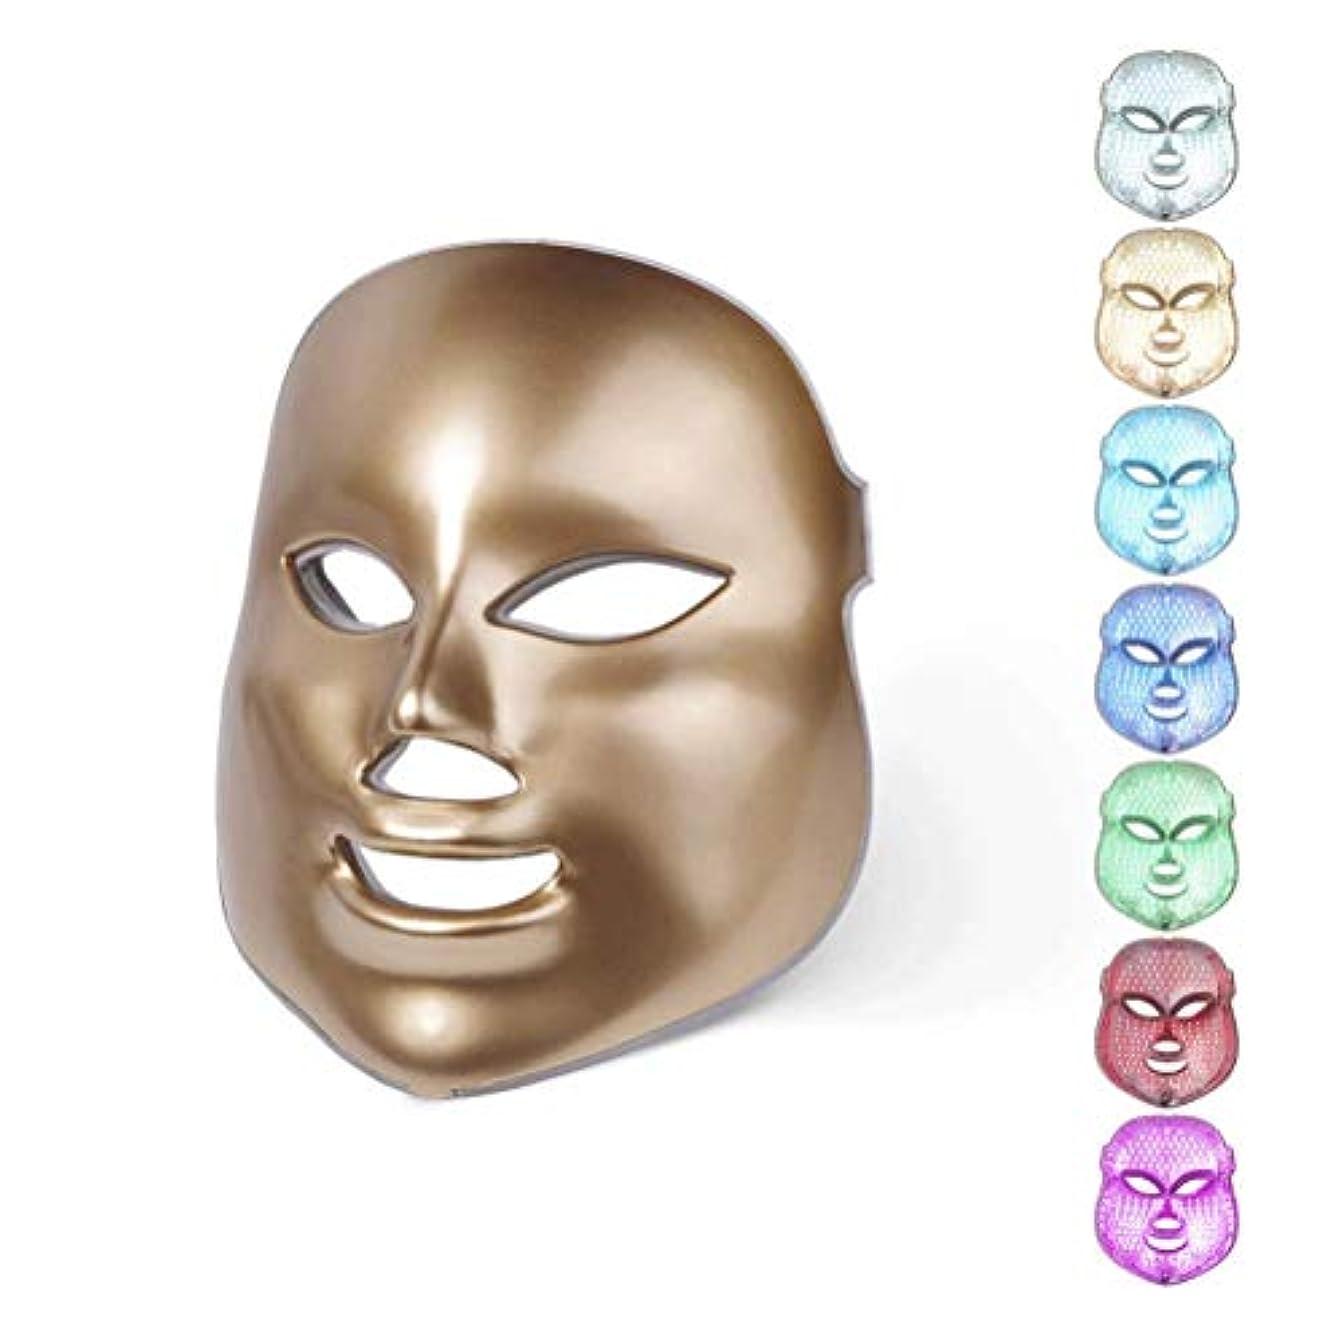 ほめる好奇心こっそり7カラーライトセラピーフェイスマスクは、LEDライトフェイスフォトンは、にきび削減リンクル肌の若返りのために毛穴スキンケアセラピー?フェイシャル美容サロンPDT技術を締めマスク